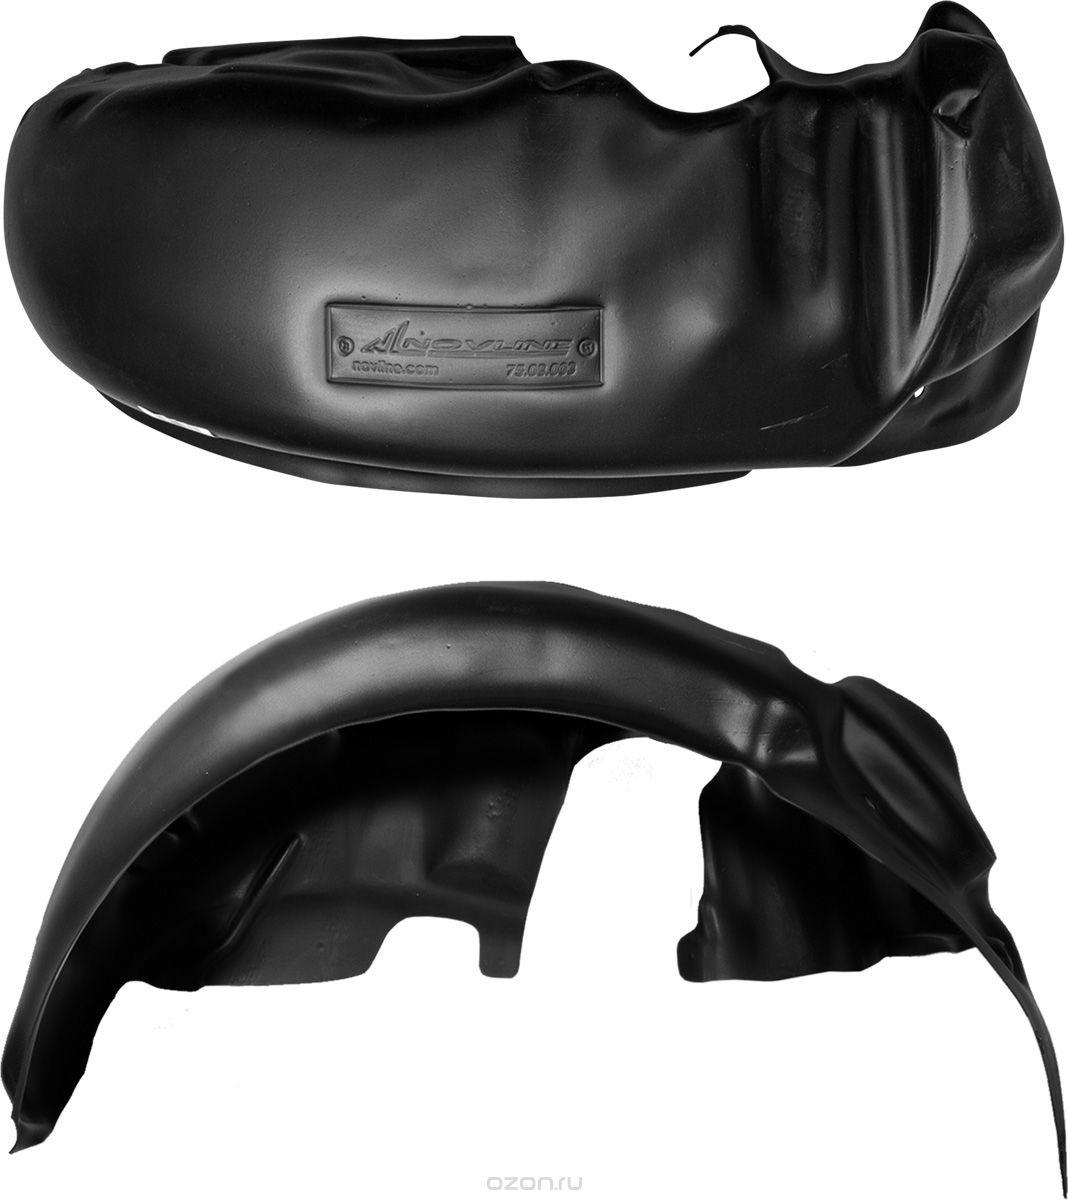 Подкрылок Novline-Autofamily, для HYUNDAI i20 2009->, передний левыйNLL.20.32.001Идеальная защита колесной ниши. Локеры разработаны с применением цифровых технологий, гарантируют максимальную повторяемость поверхности арки. Изделия устанавливаются без нарушения лакокрасочного покрытия автомобиля, каждый подкрылок комплектуется крепежом. Уважаемые клиенты, обращаем ваше внимание, что фотографии на подкрылки универсальные и не отражают реальную форму изделия. При этом само изделие идет точно под размер указанного автомобиля.